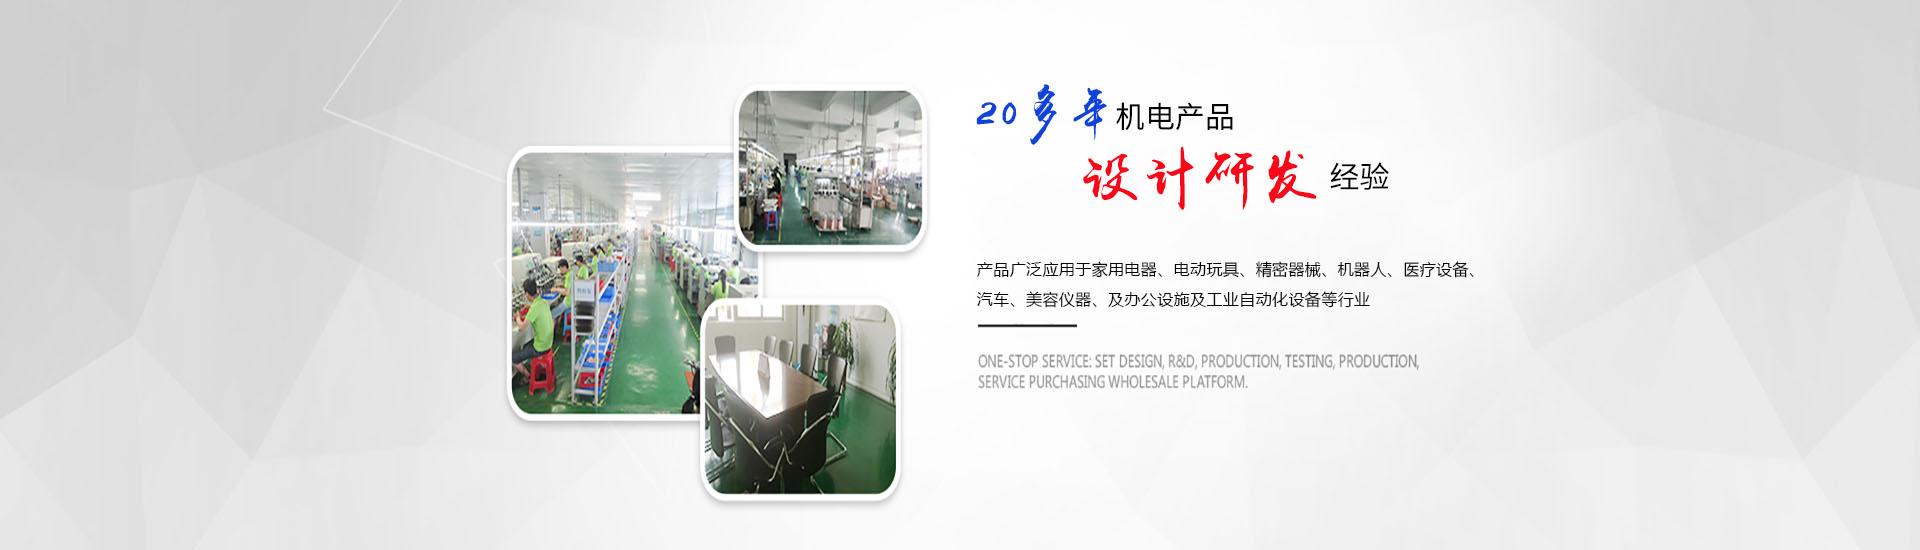 麟龙直流电机厂家拥有20多年电机产品设计-生产-服务经验!